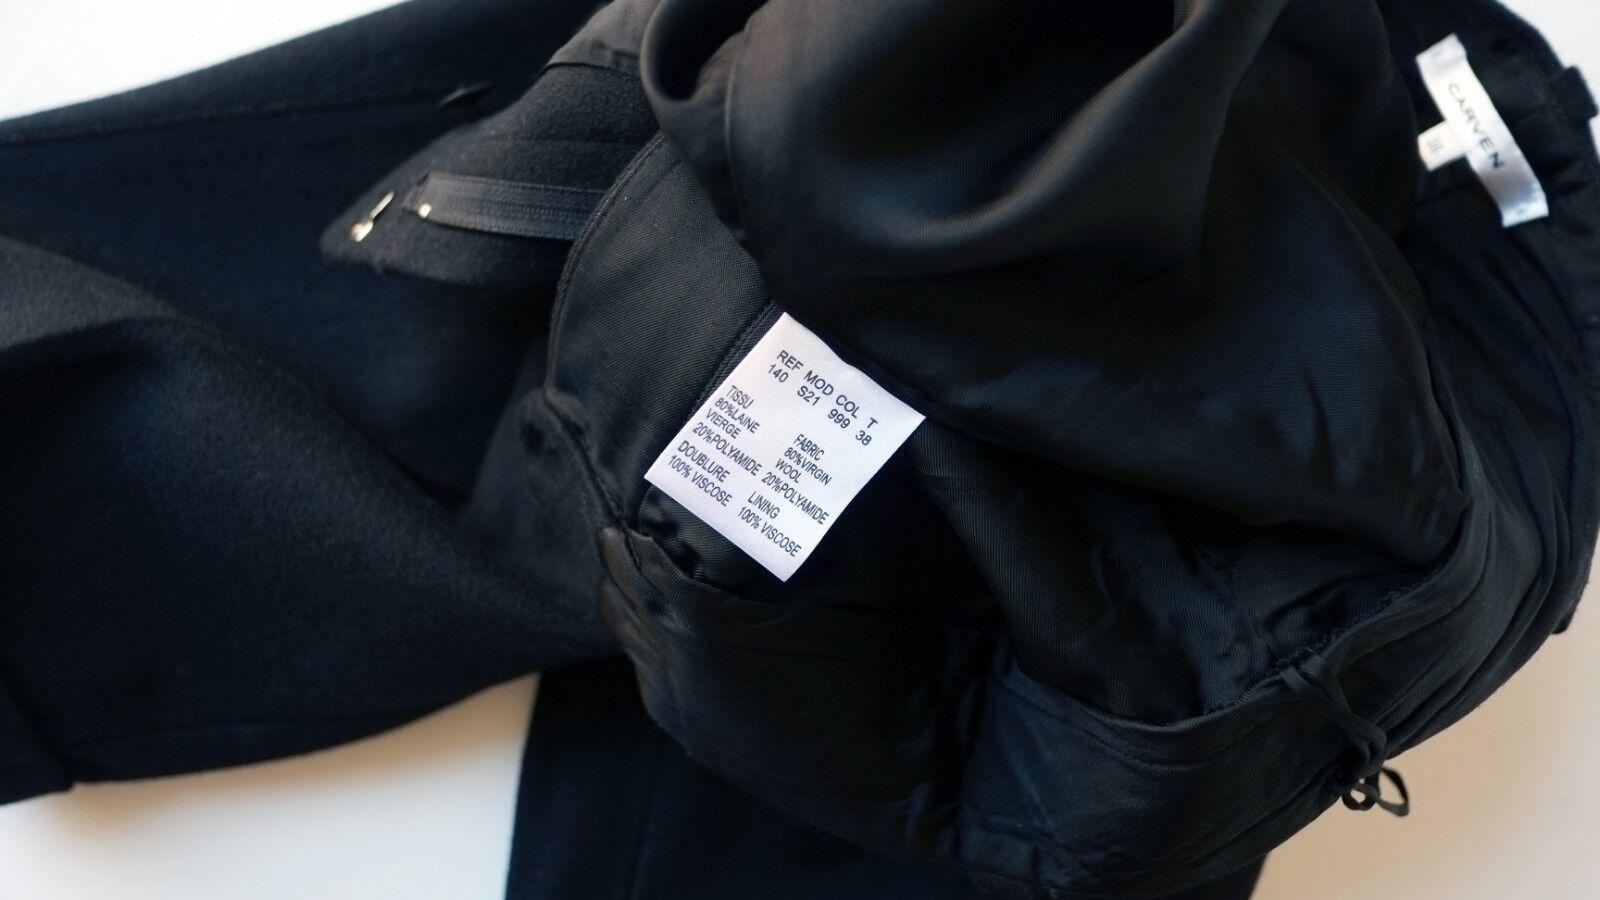 CARVEN Nuovo di zecca-SU zecca-SU zecca-SU MISURA  City  Pantaloncini In Nero Spazzolato Lana, EU38 UK8 5a14cb